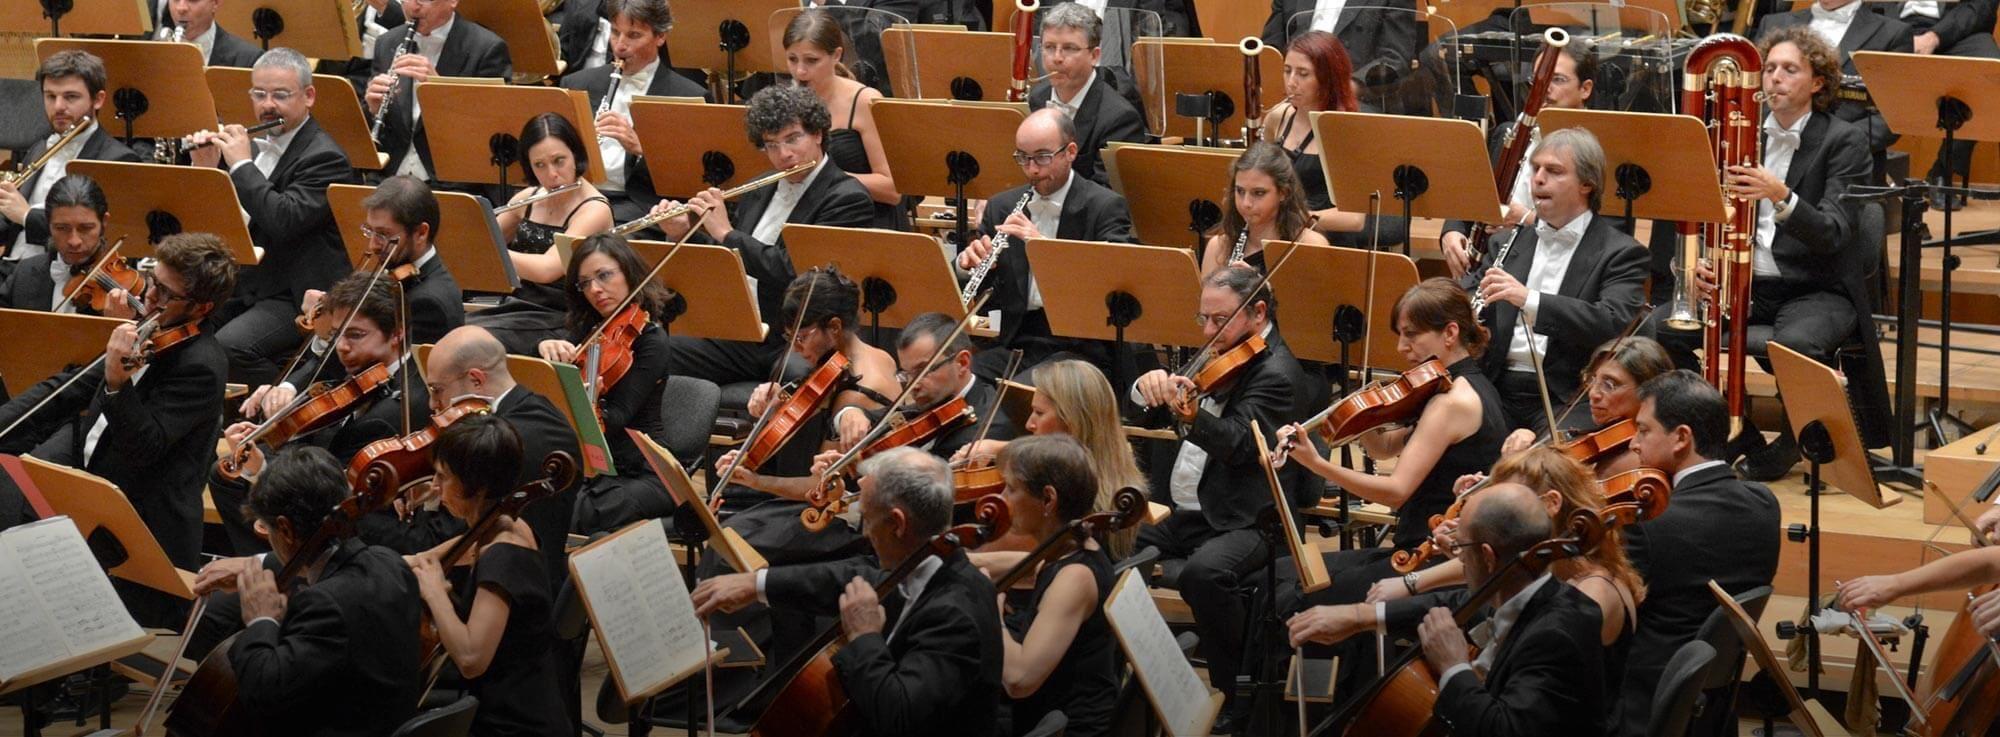 Foggia: Concerto di Capodanno